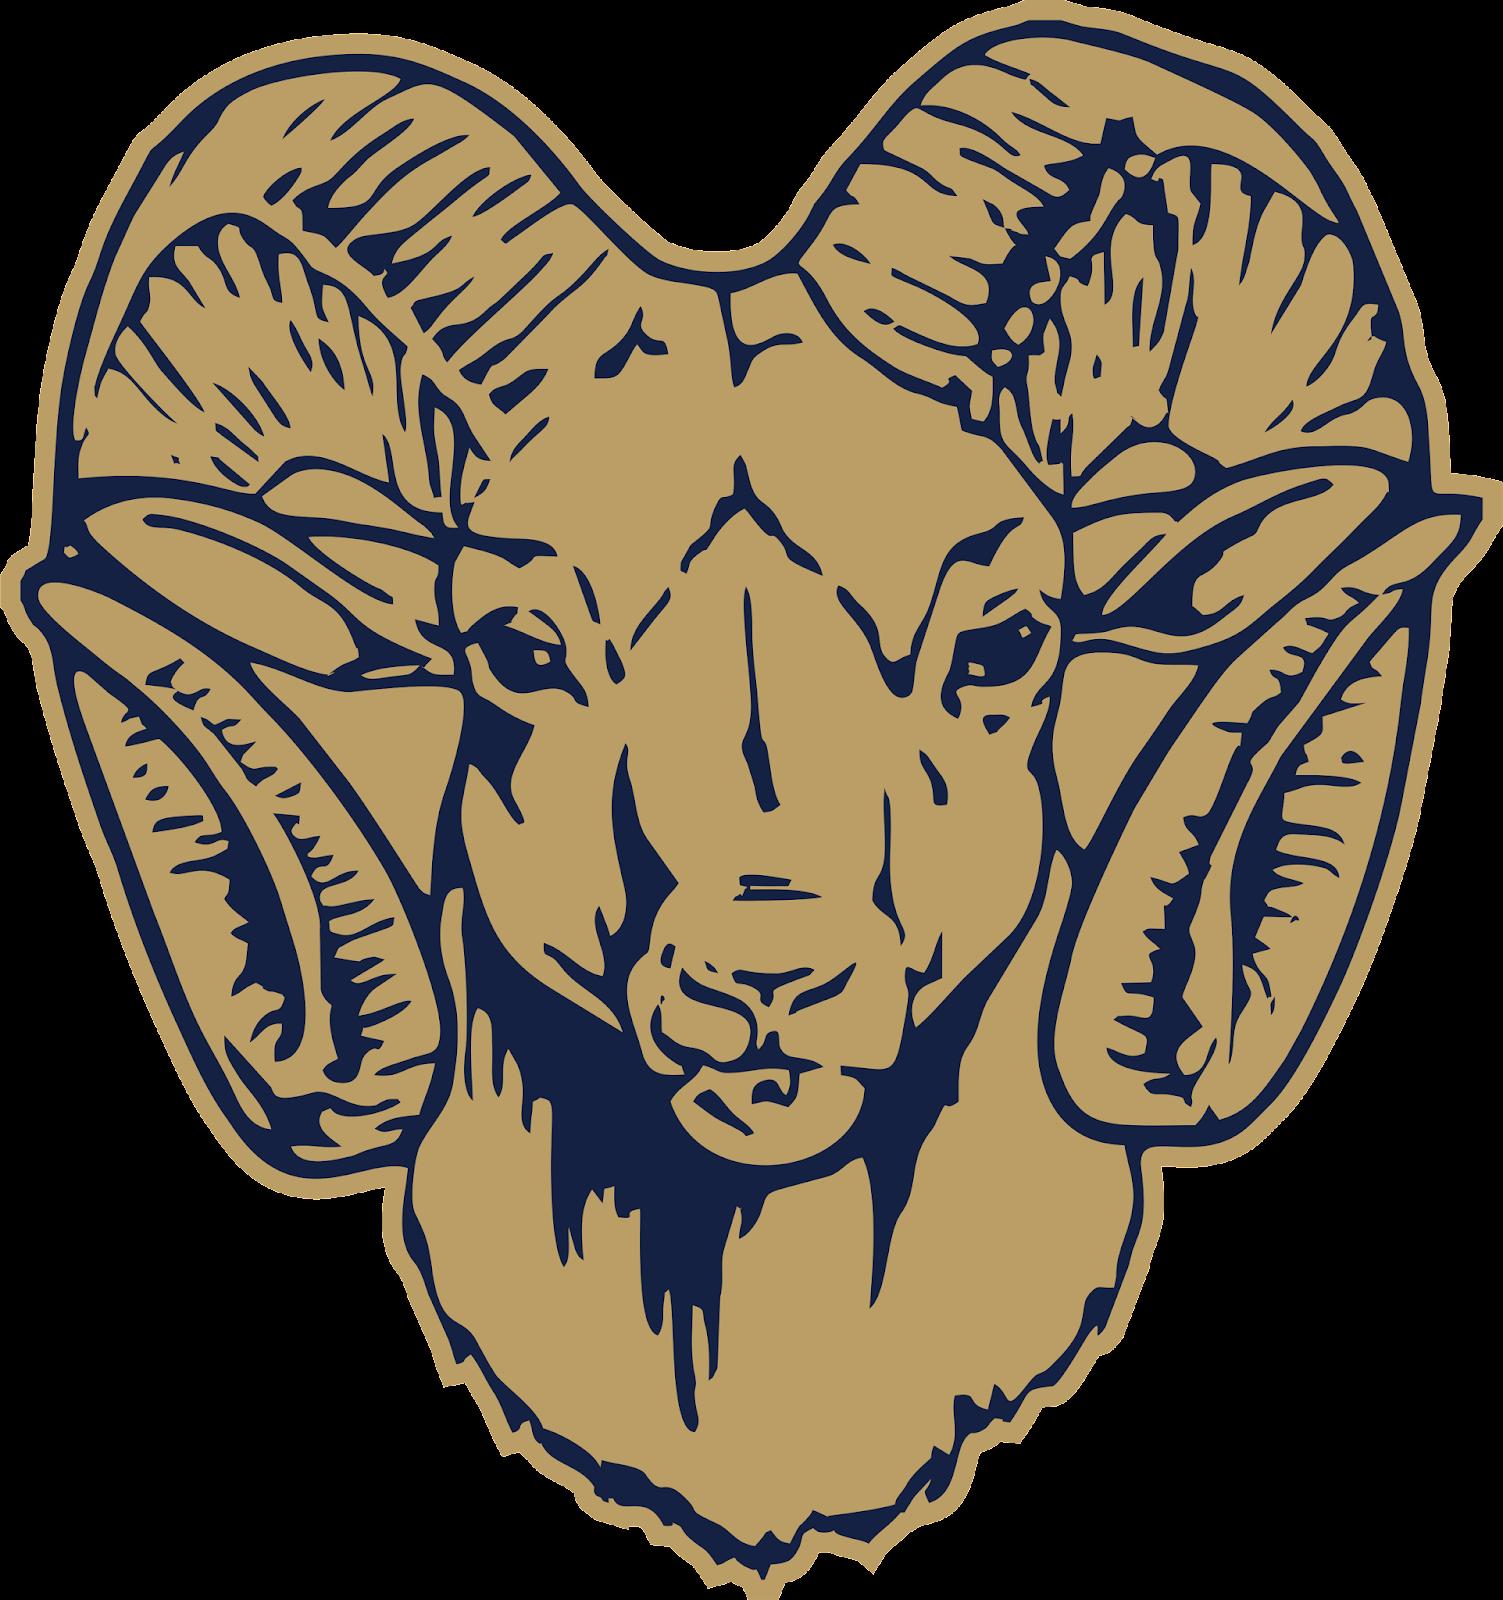 2017 Ram Head (1).png